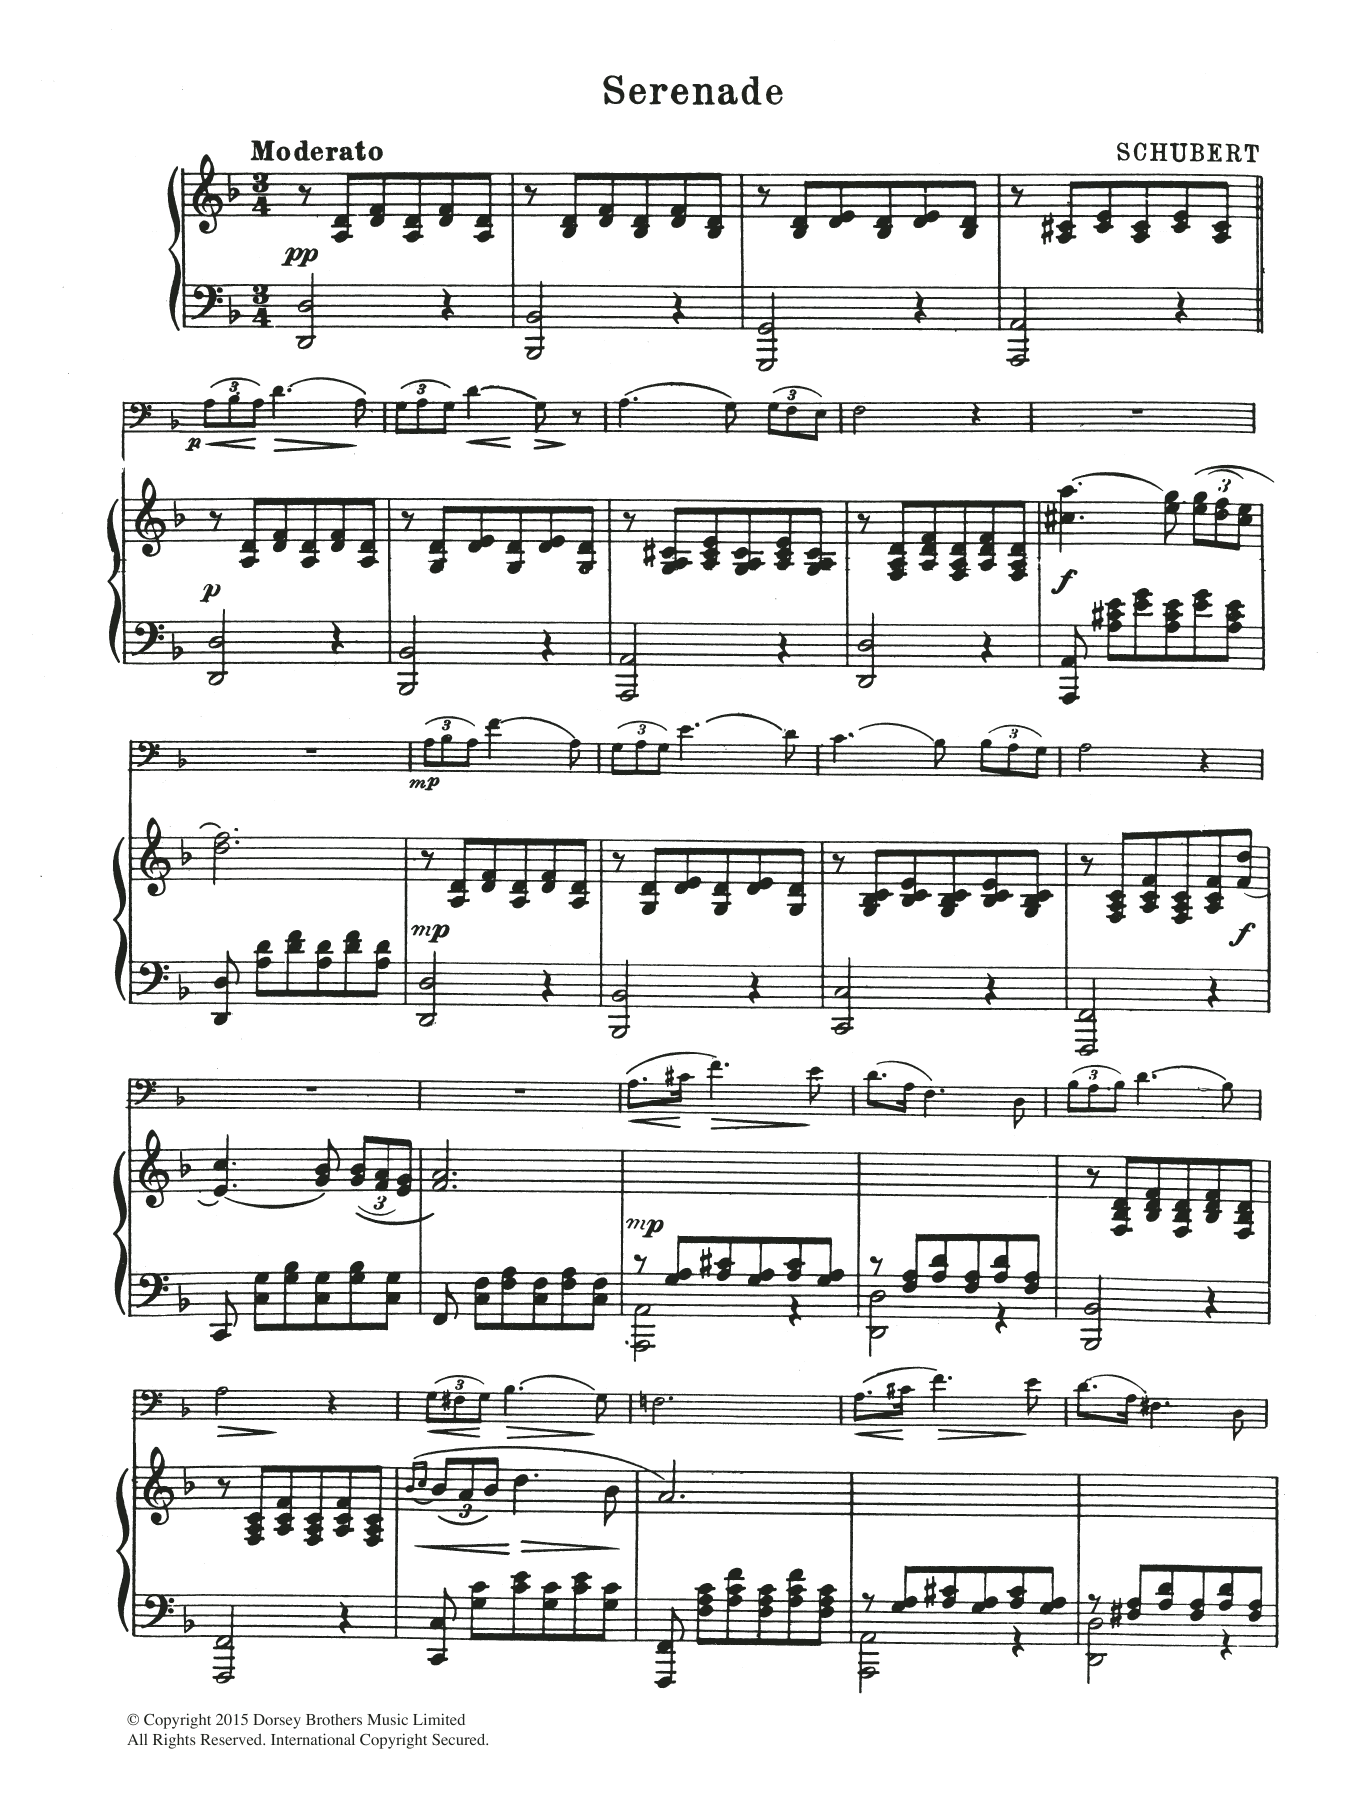 Franz Schubert: Serenade